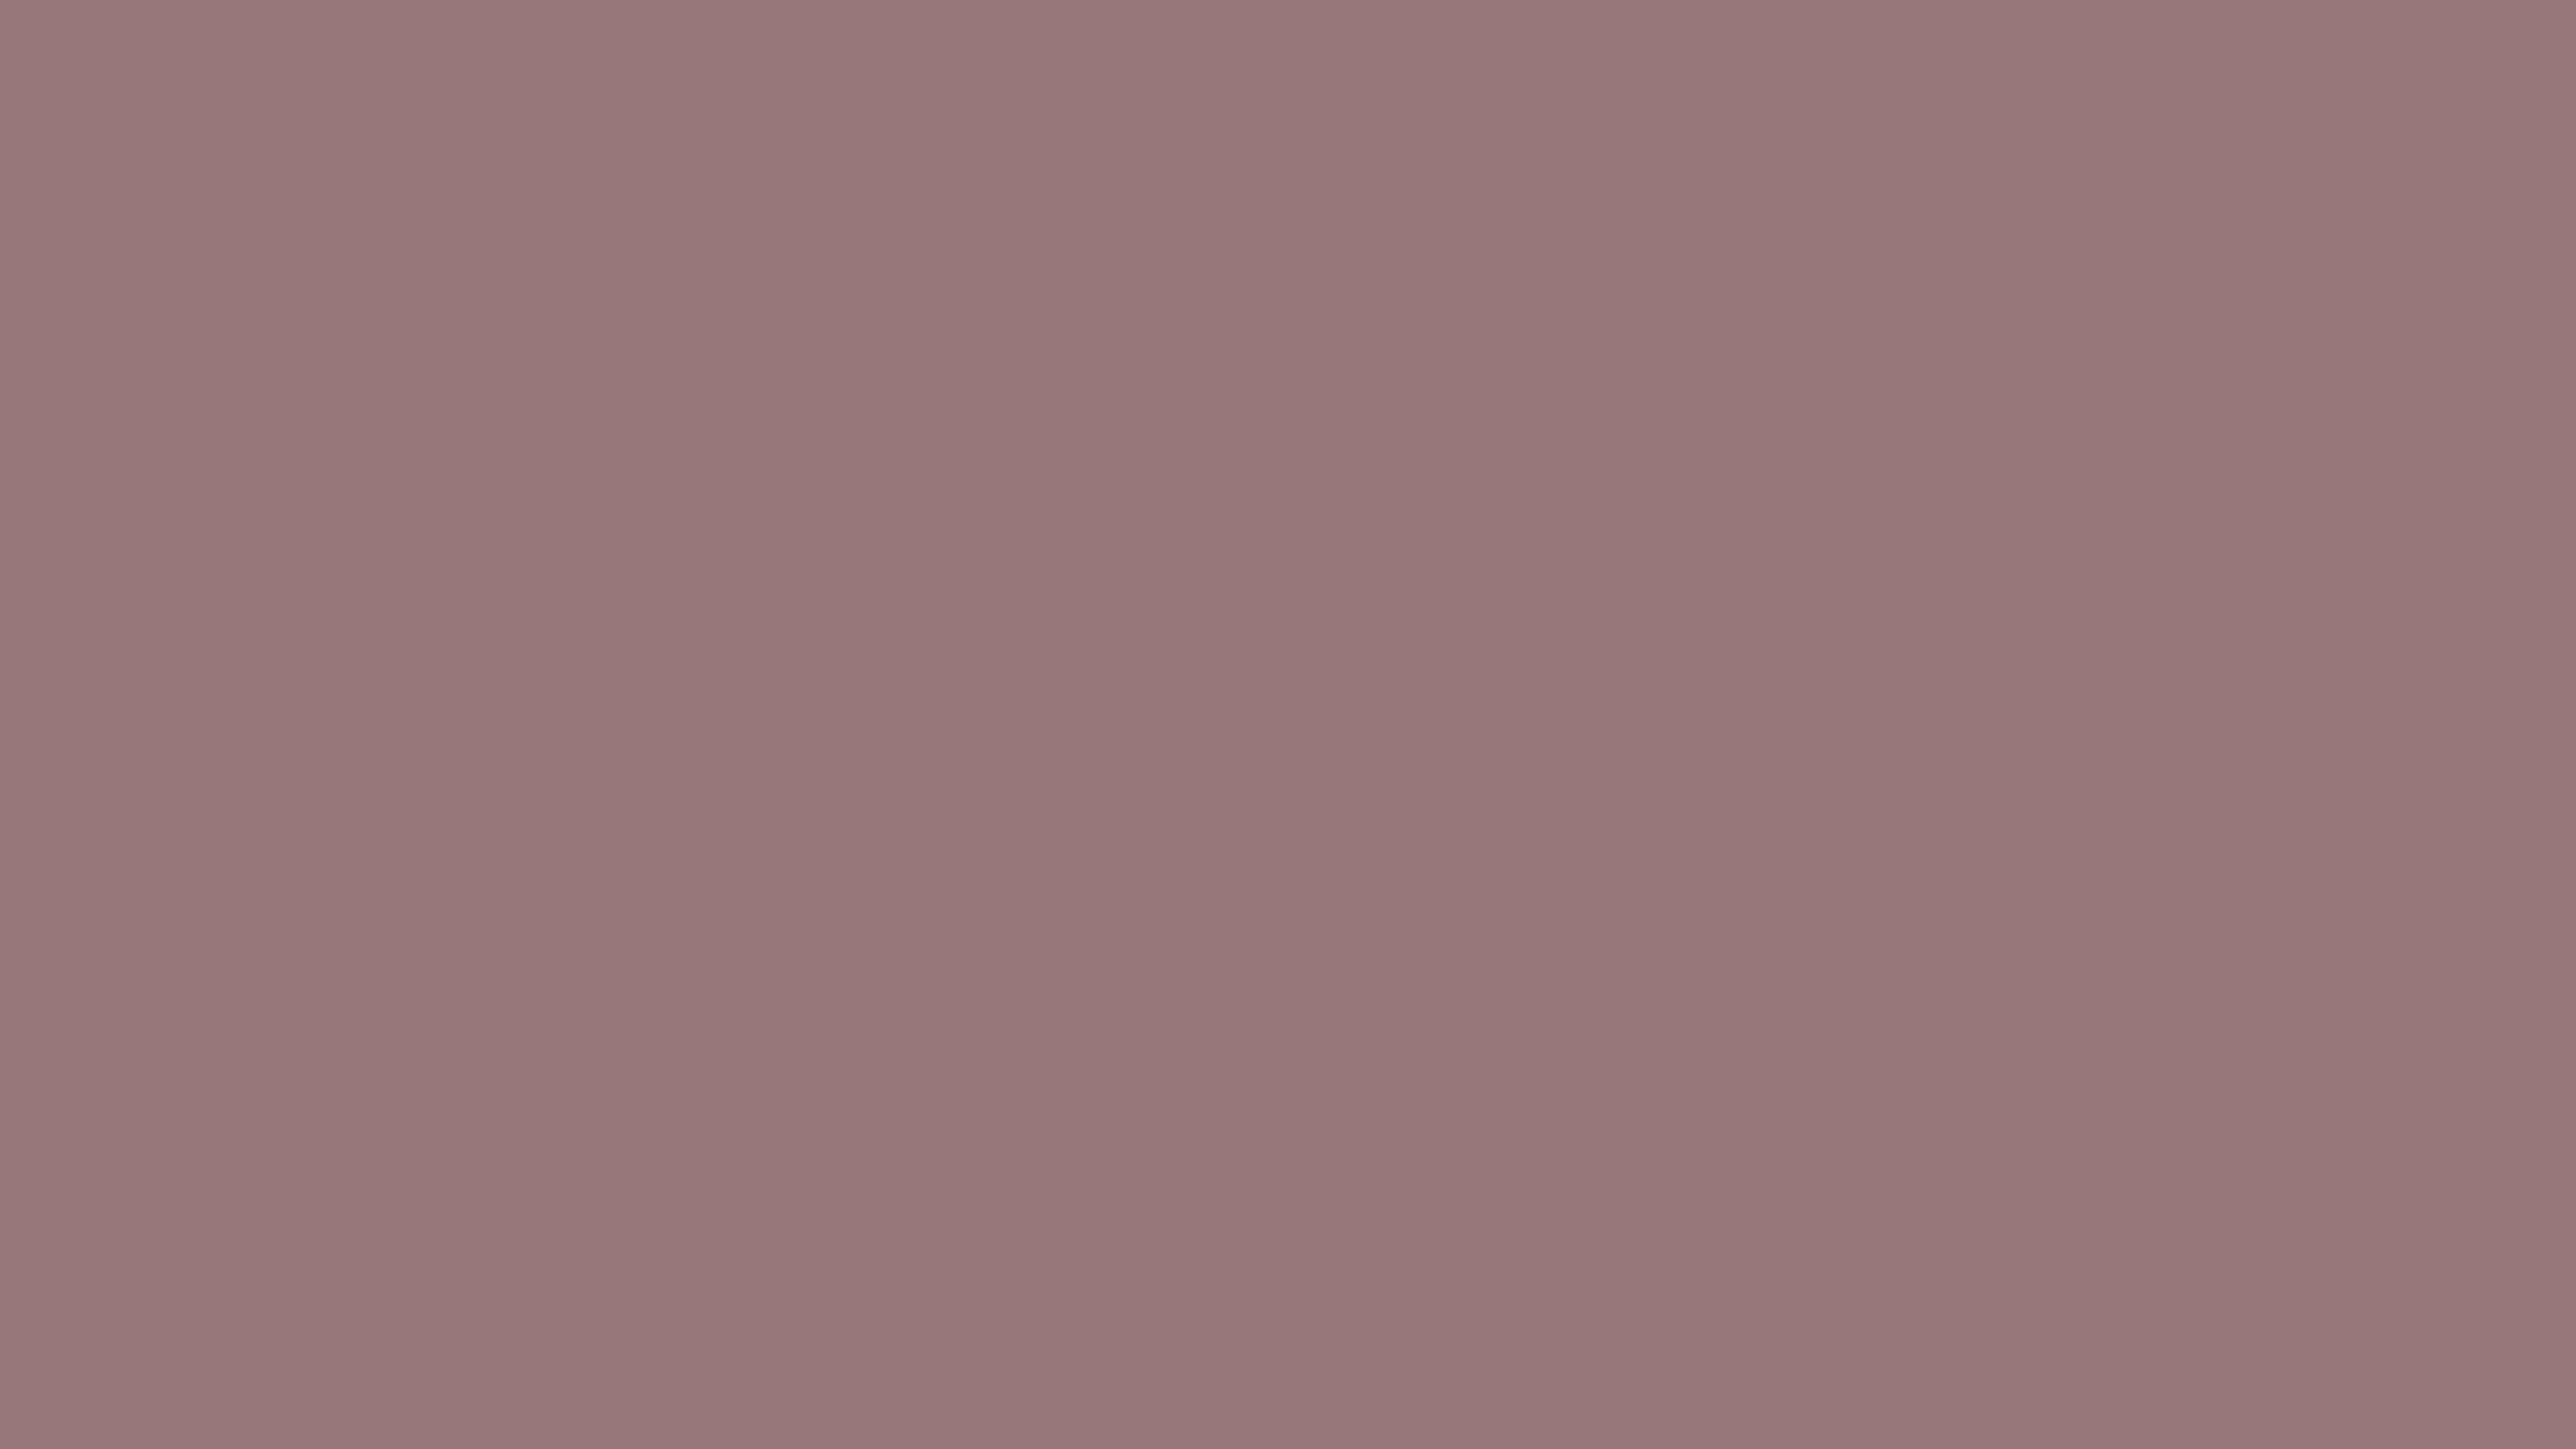 3840x2160 Bazaar Solid Color Background